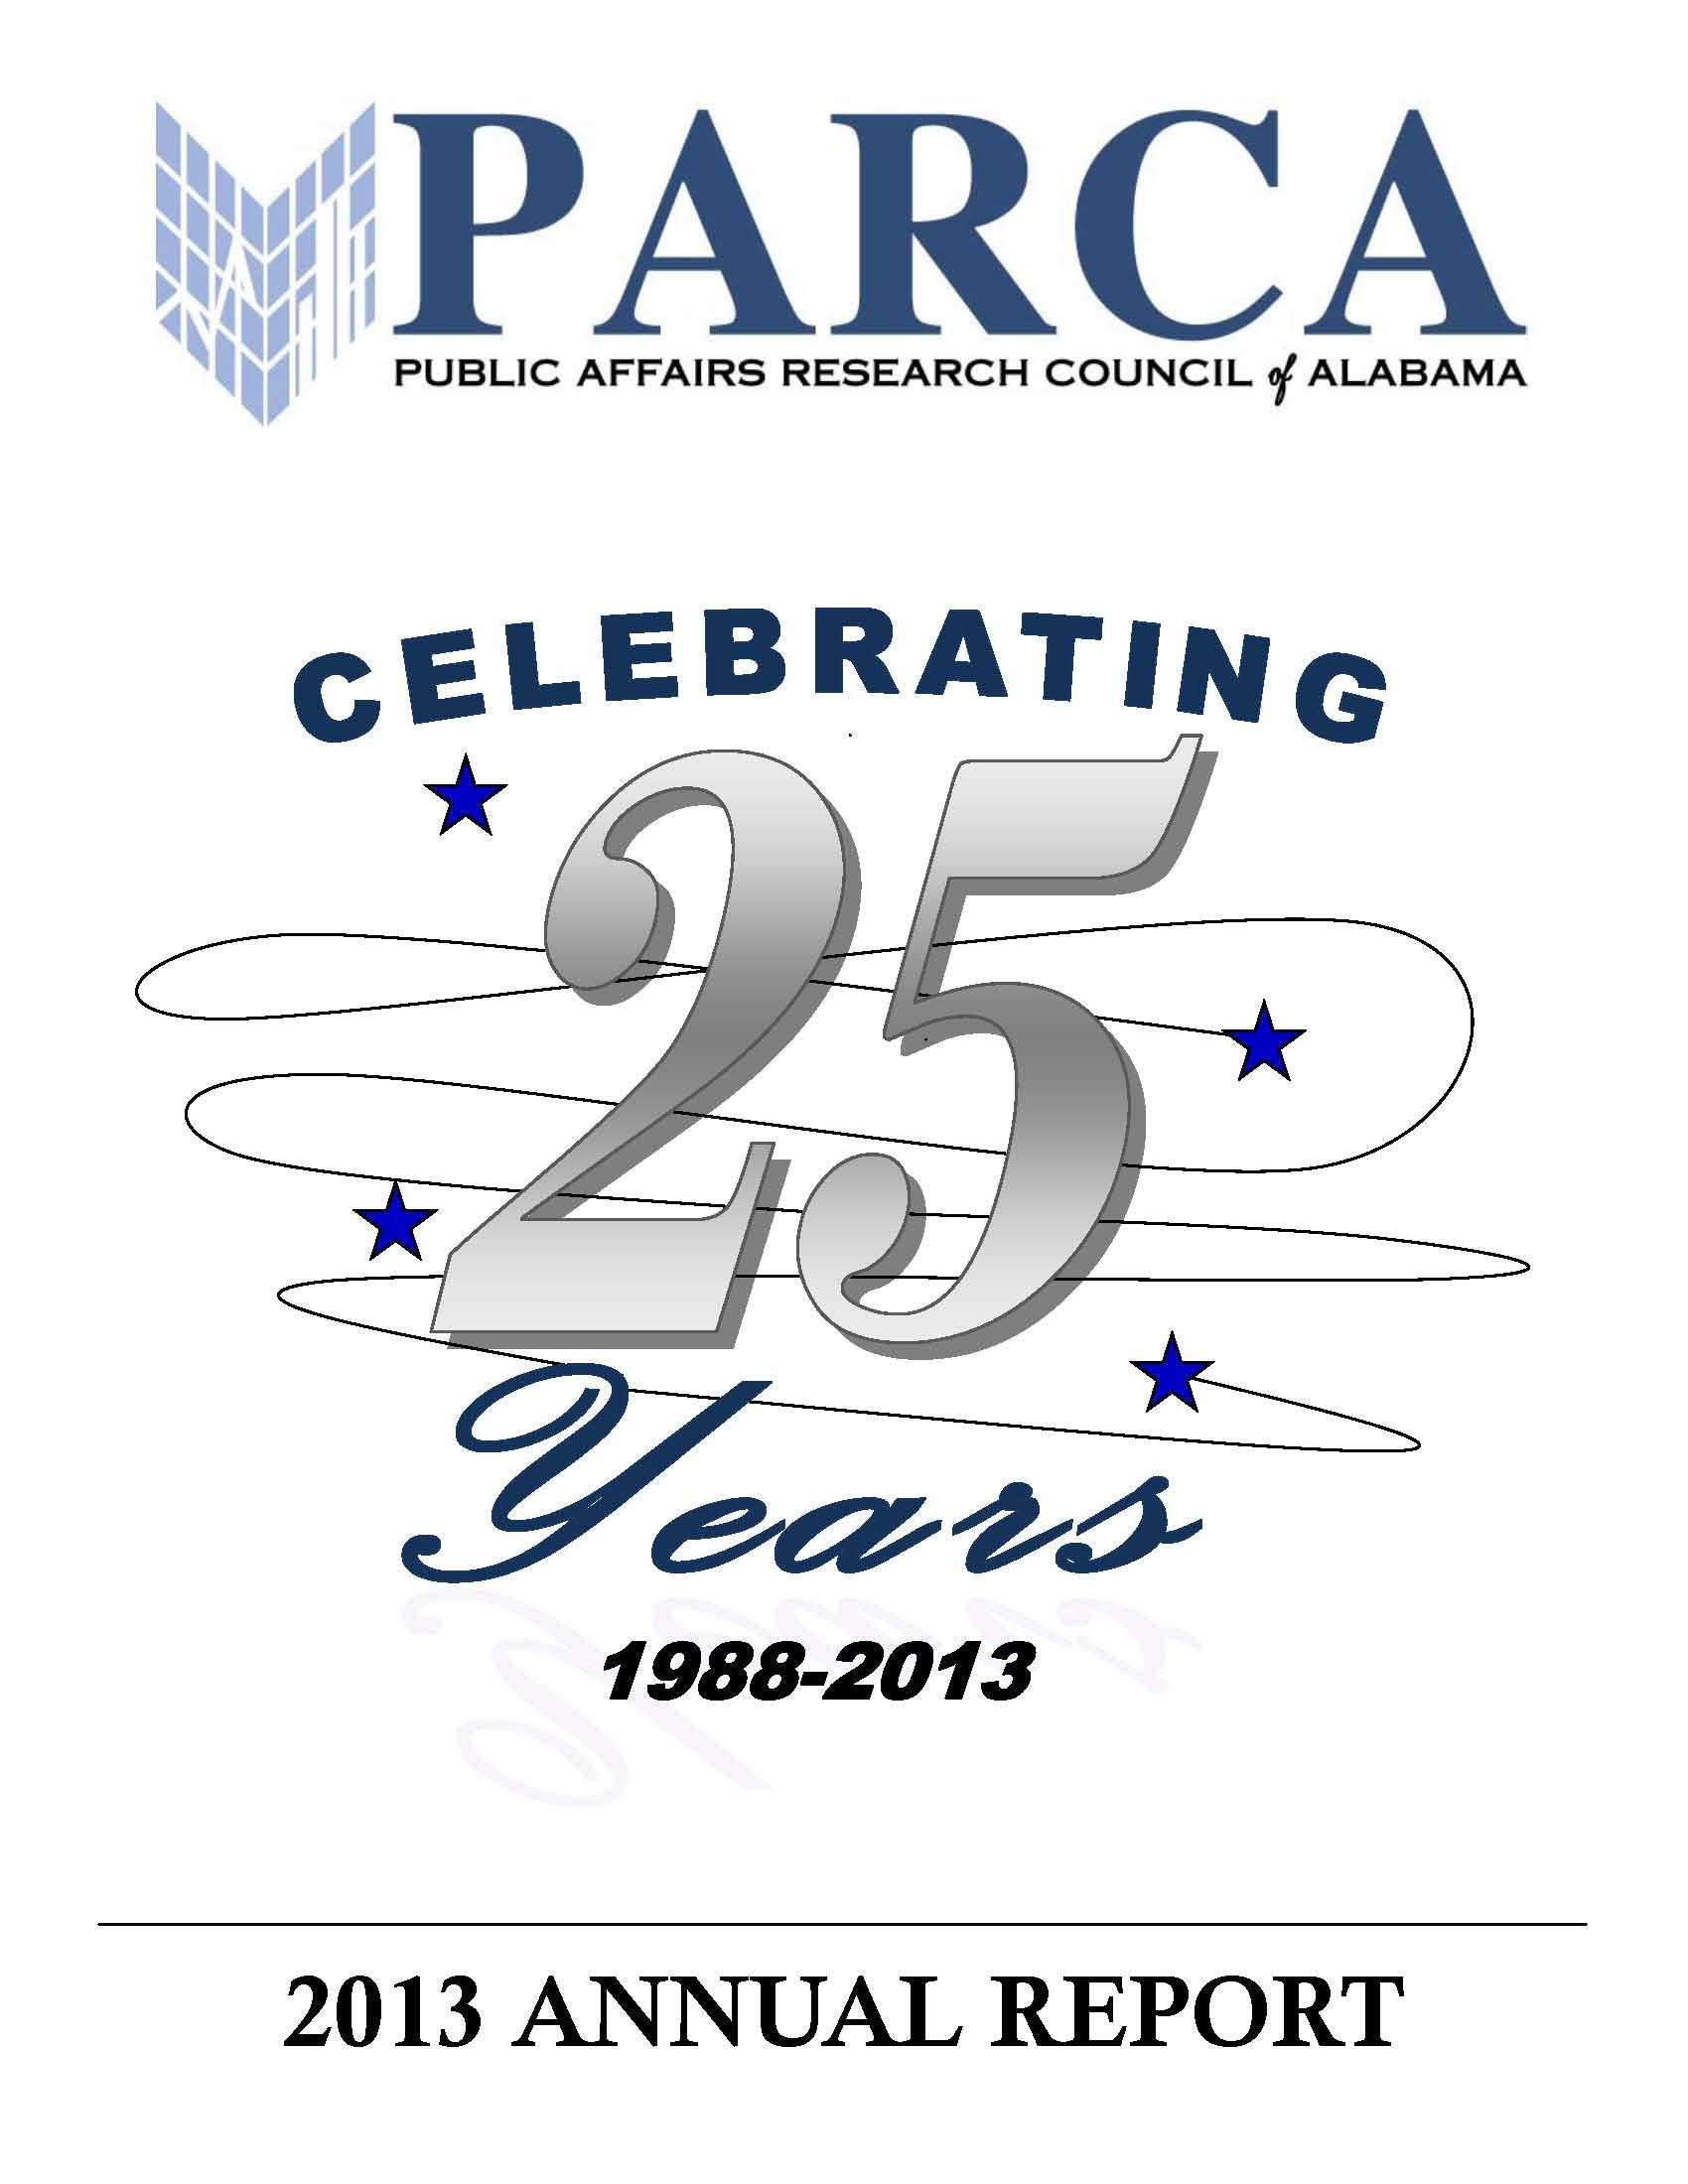 2013 PARCA Annual Report